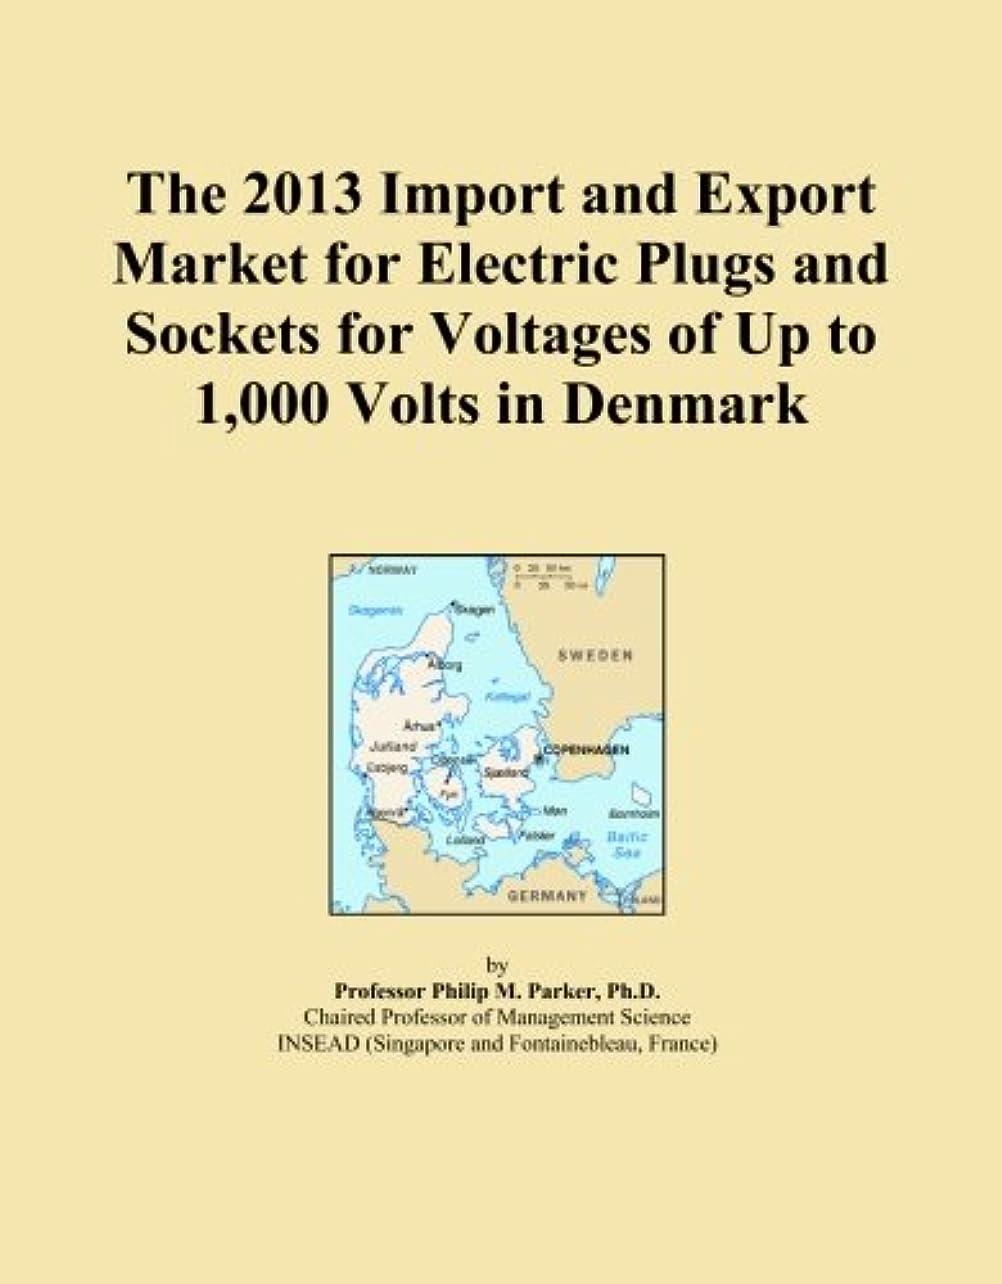 研究国民投票観光に行くThe 2013 Import and Export Market for Electric Plugs and Sockets for Voltages of Up to 1,000 Volts in Denmark